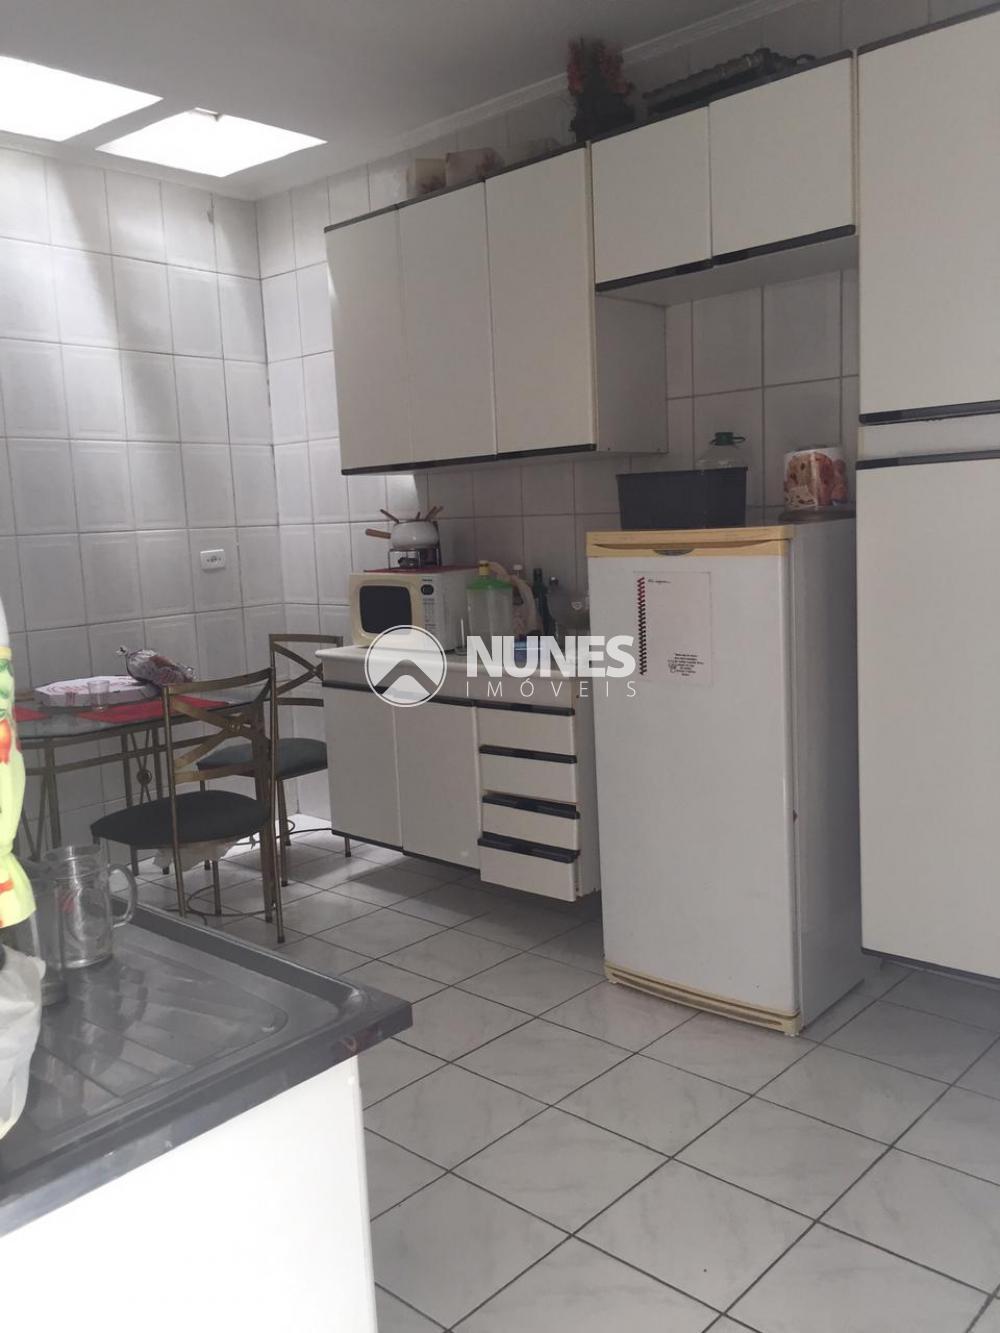 Comprar Casa / Sobrado em Osasco R$ 1.380.000,00 - Foto 6